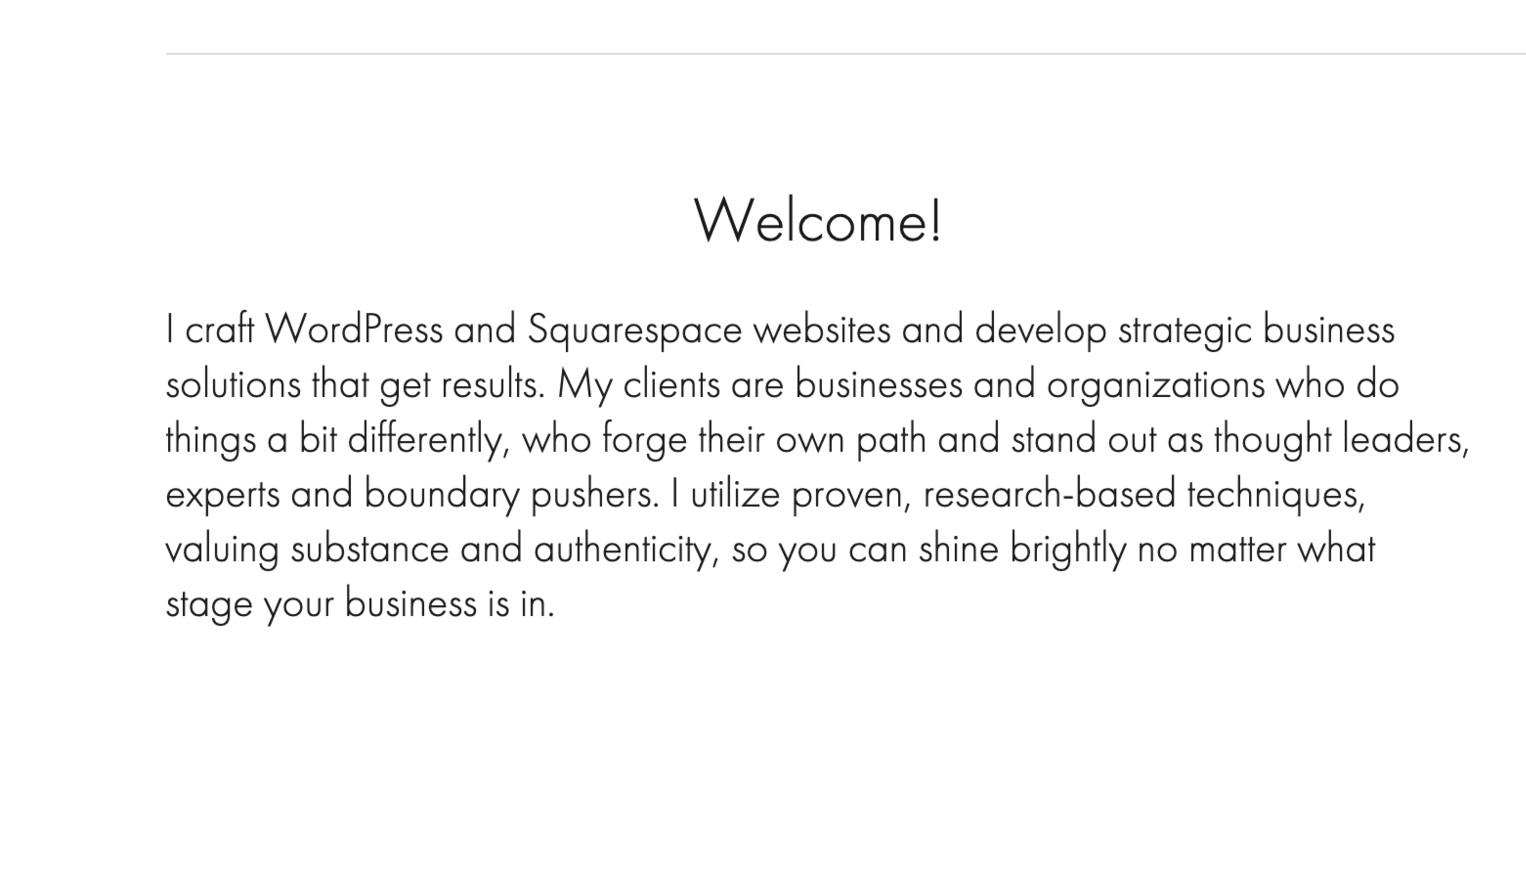 Plagiarist's Site